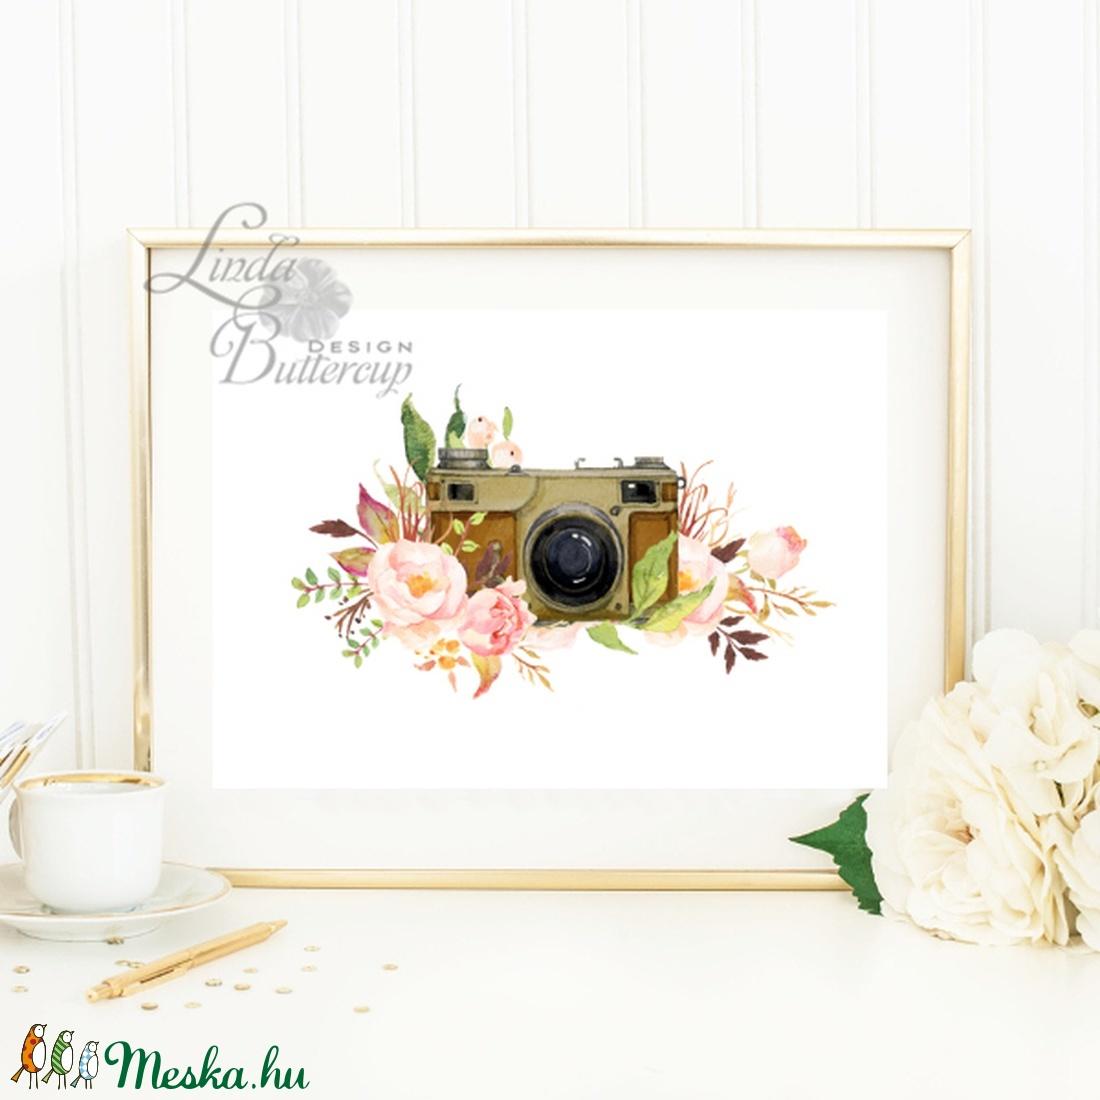 Camera, A4 Print, kamera, fotós, fotográfus, Fényképezőgép, Falikép, bohó, bohém, hálószoba dekoráció, ajándék, kép (LindaButtercup) - Meska.hu